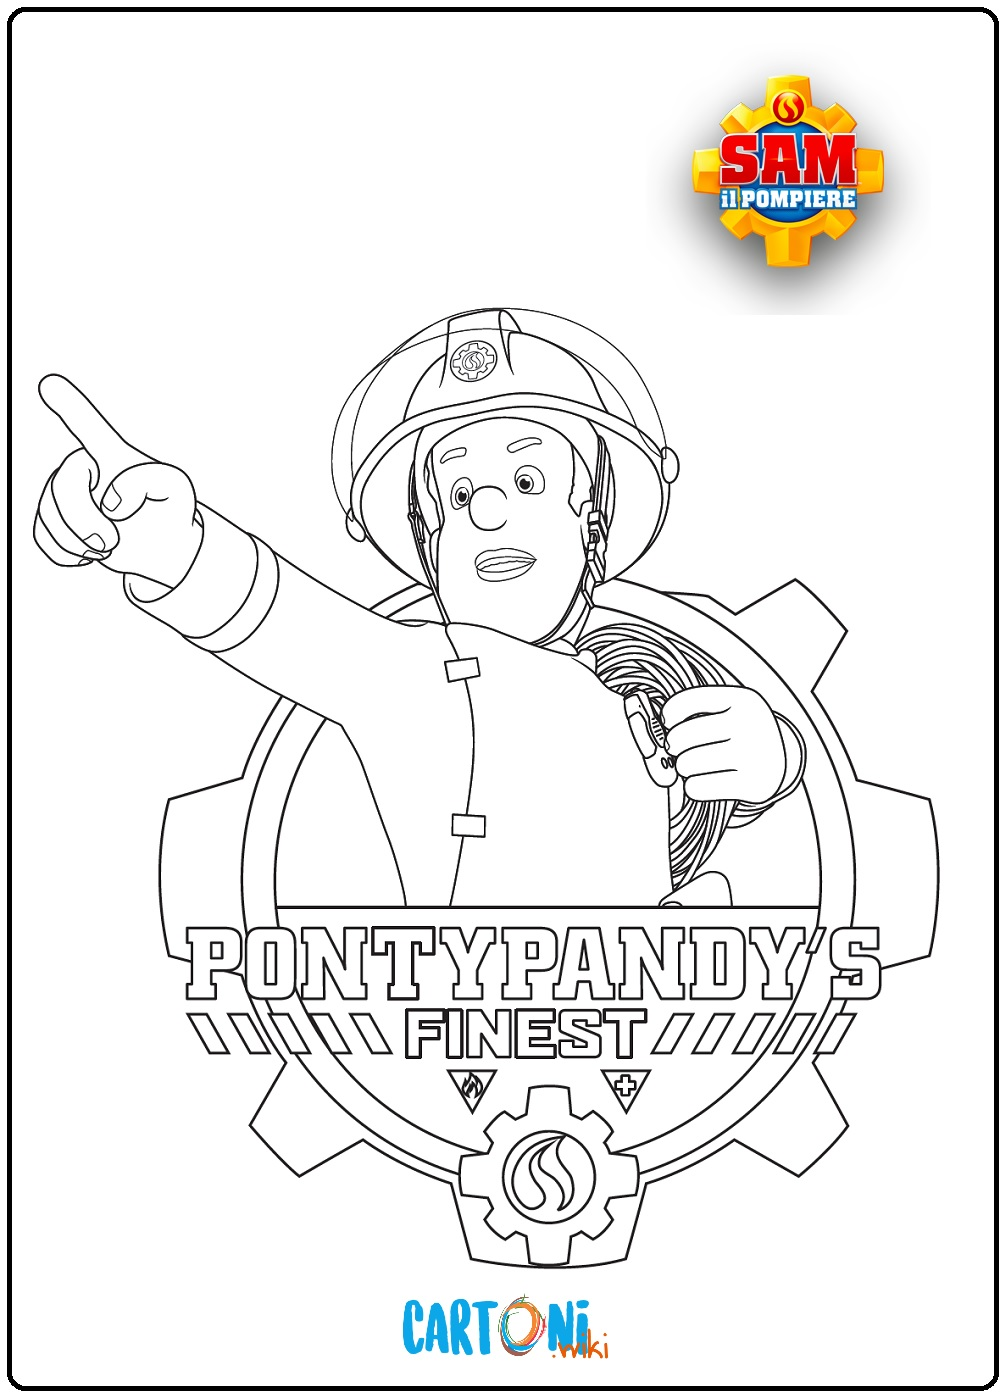 Sam il pompiere disegni da colorare - Disegni da colorare